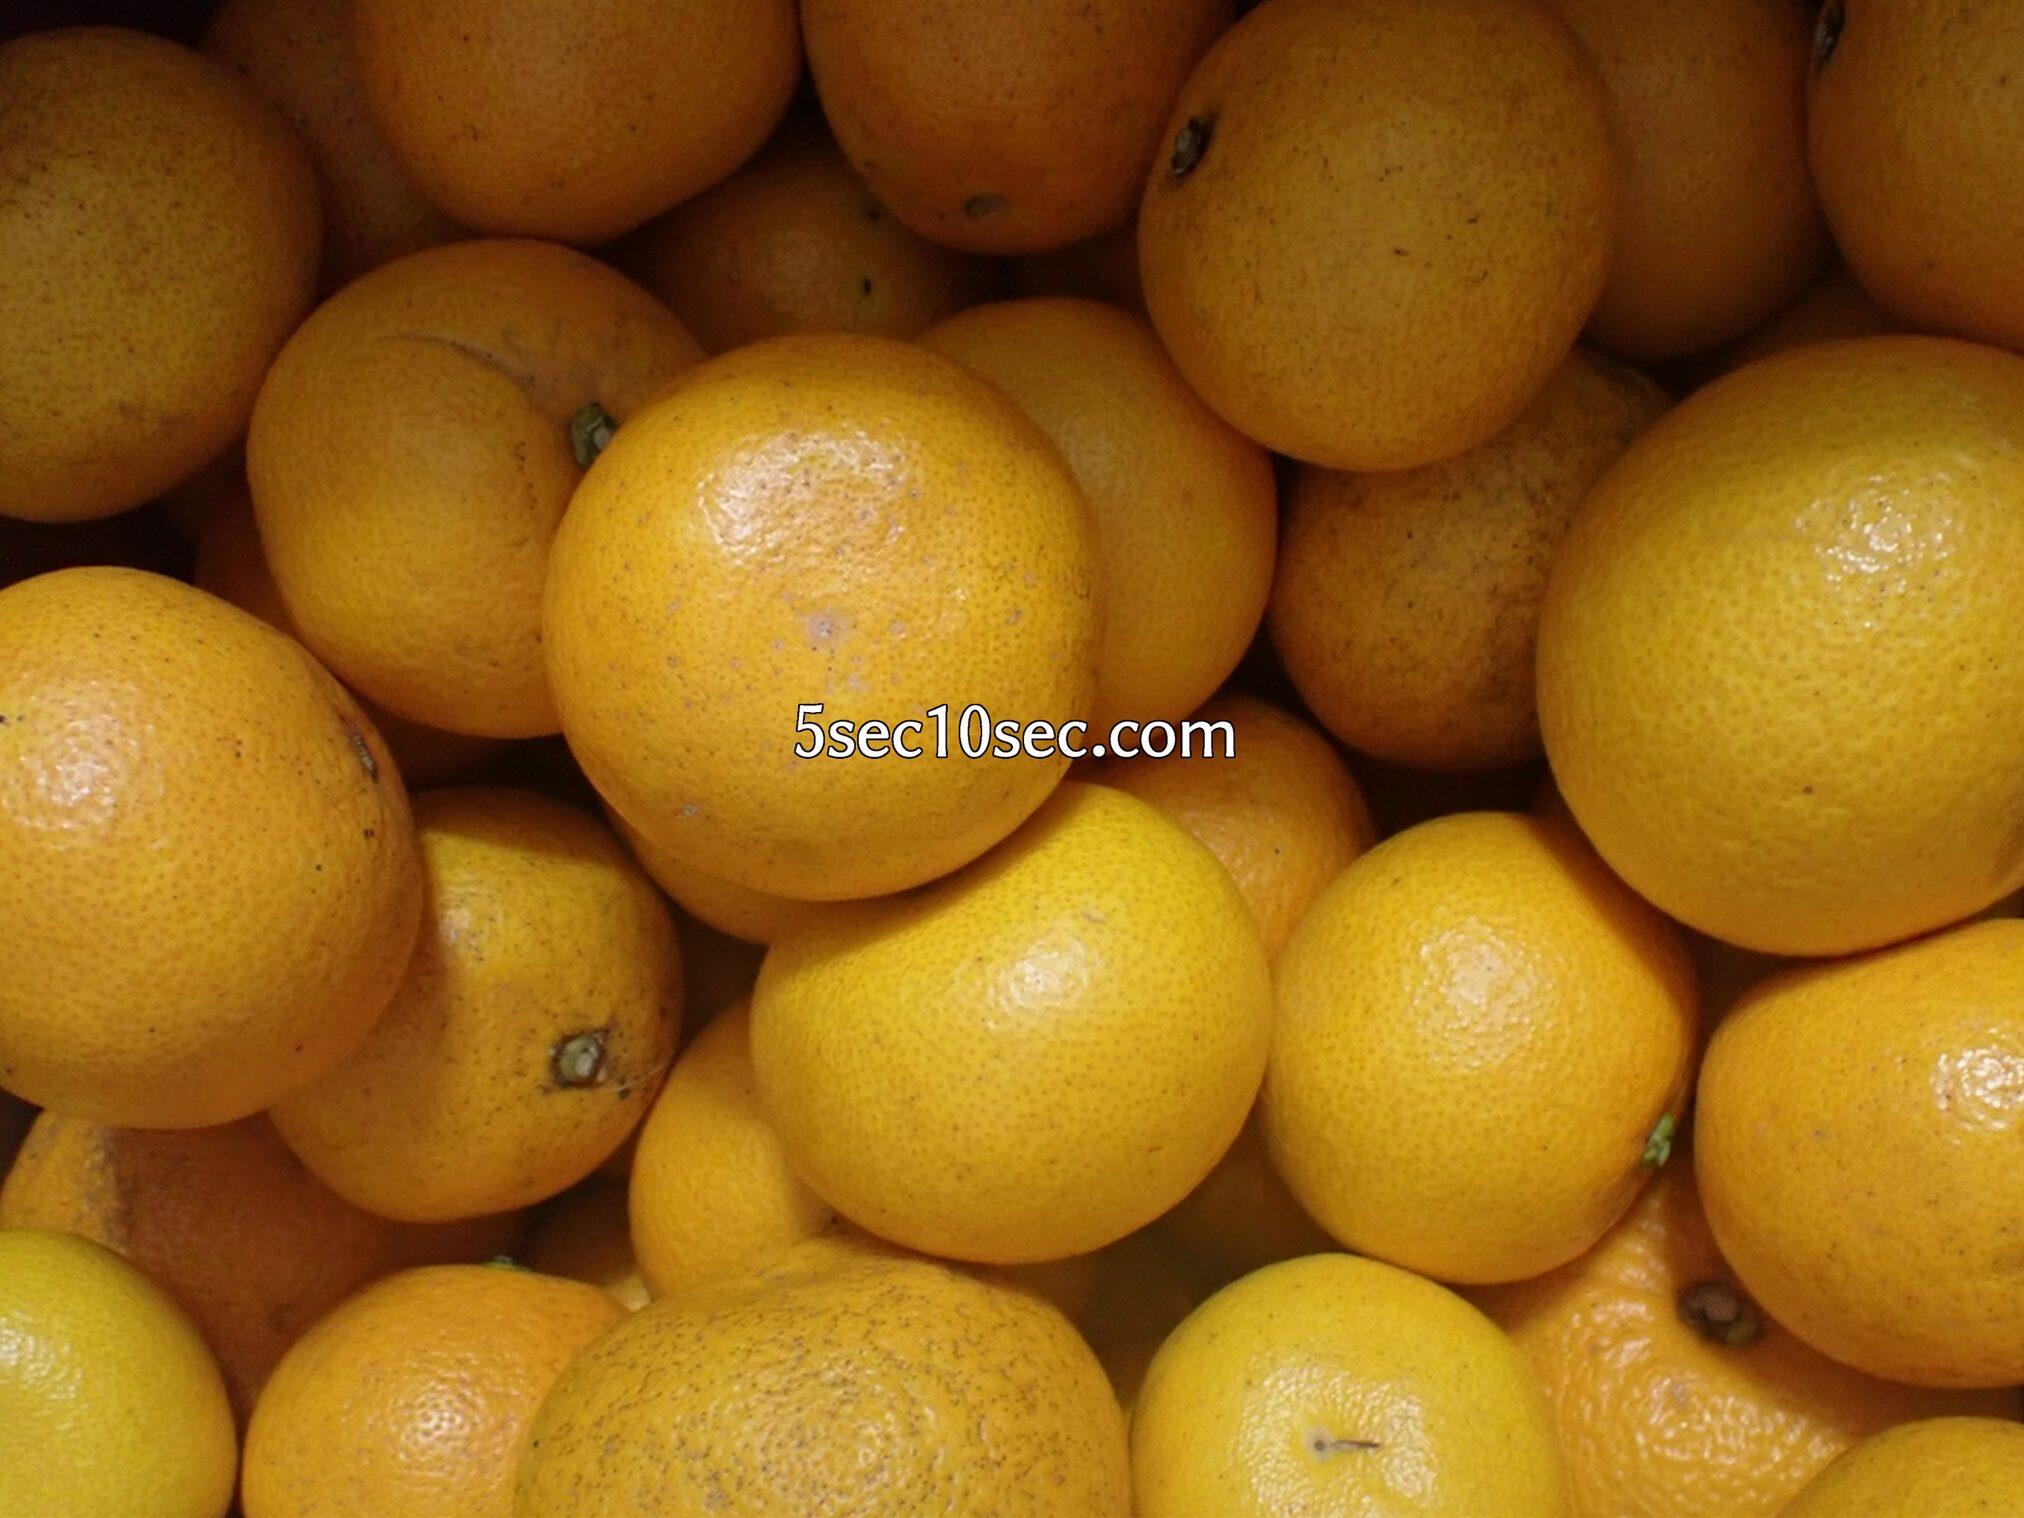 訳あり10kgの八朔を買ってみた、柑橘、はっさく、訳ありフルーツ